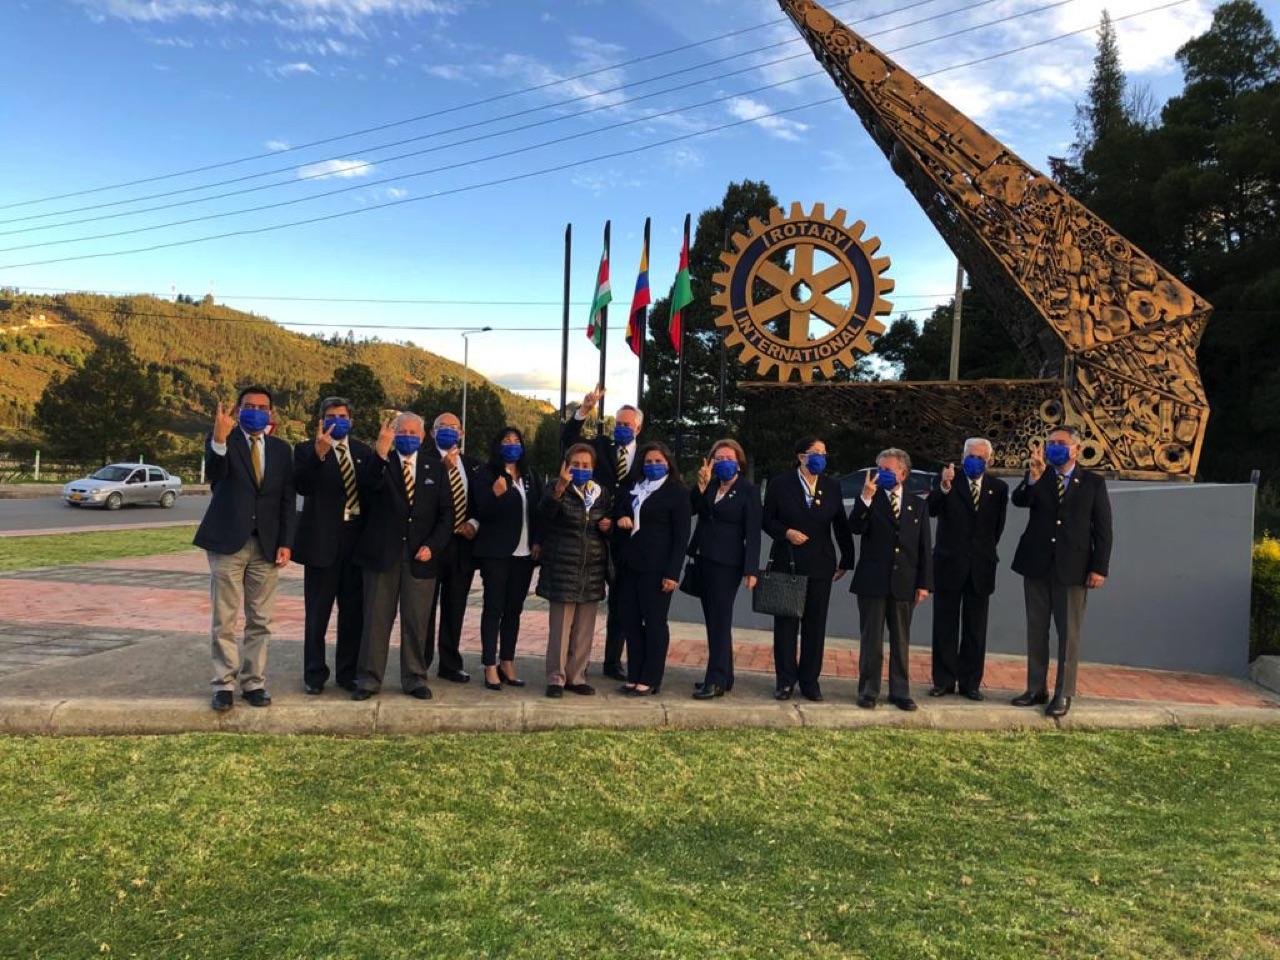 Los integrantes del Club Rotario de Paipa en el monumento al Rotarismo ubicado en el sector hotelero de ese municipio. Fotografía - Archivo particular